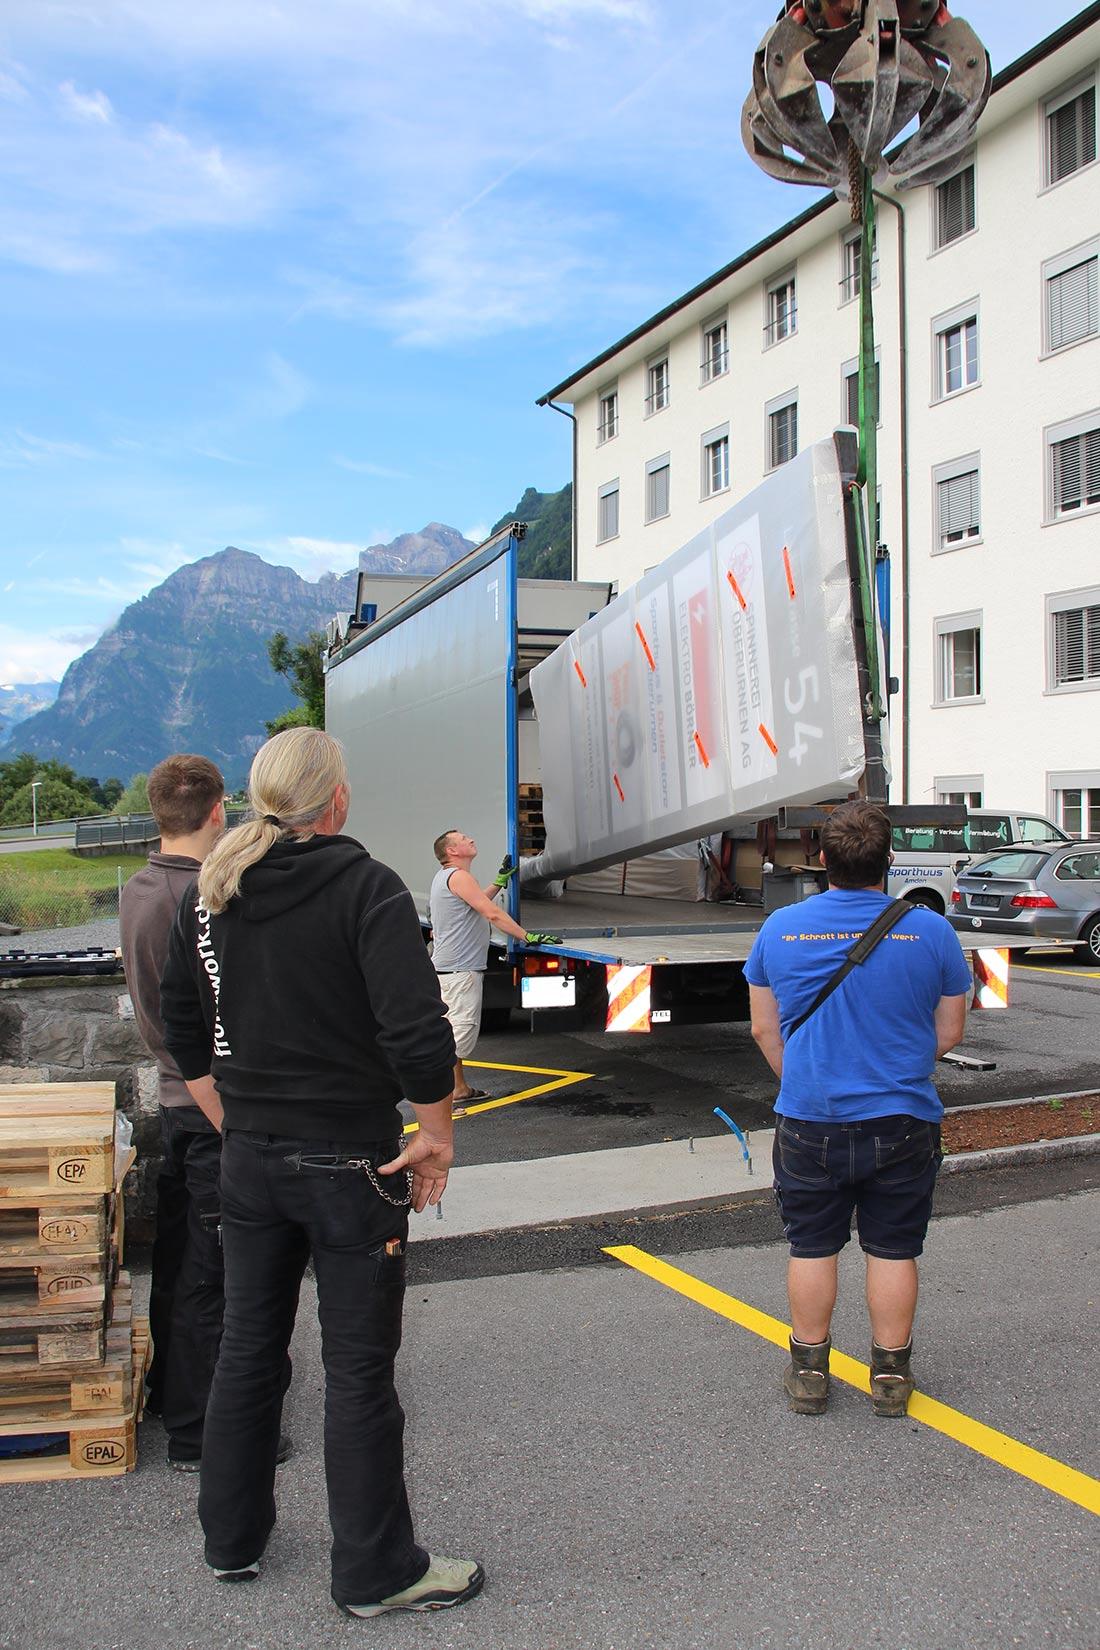 Riesen Stele wird mit einem Spezialfahrzeug Transportiert und vor Ort mit einem Kran aufgestellt.